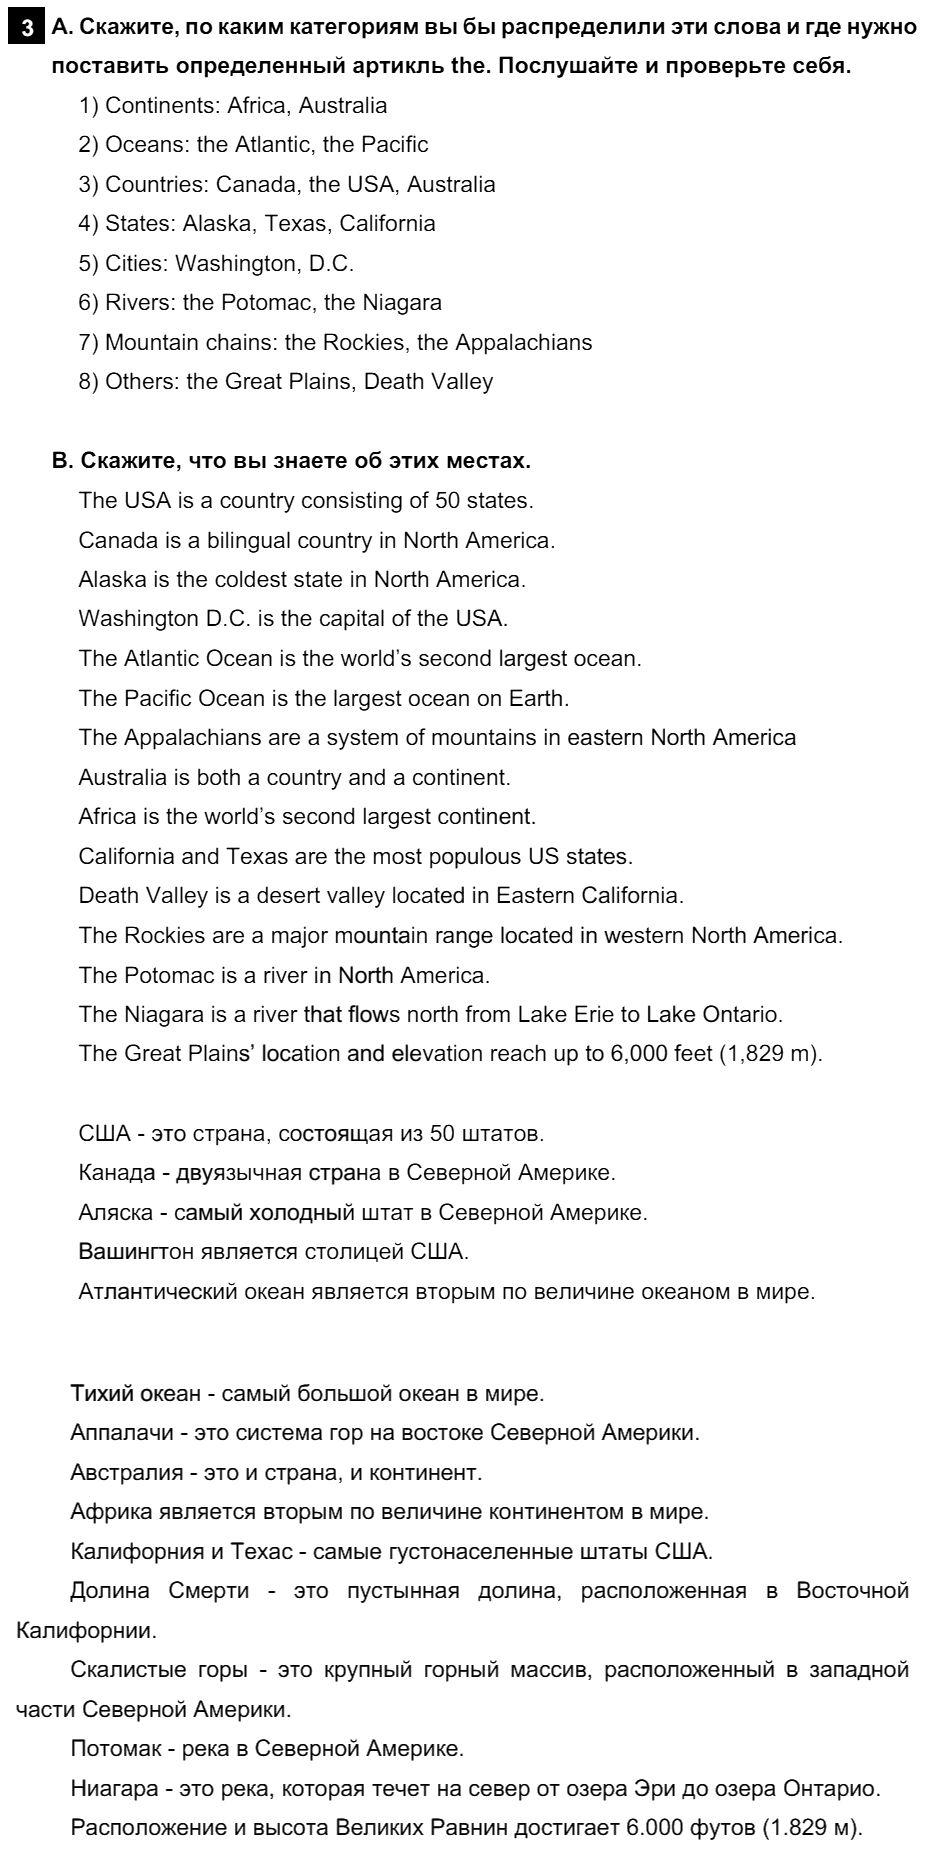 Английский язык 7 класс Афанасьева О. В. Unit 3. Несколько фактов об англоговорящем мире / Шаг 4: 3